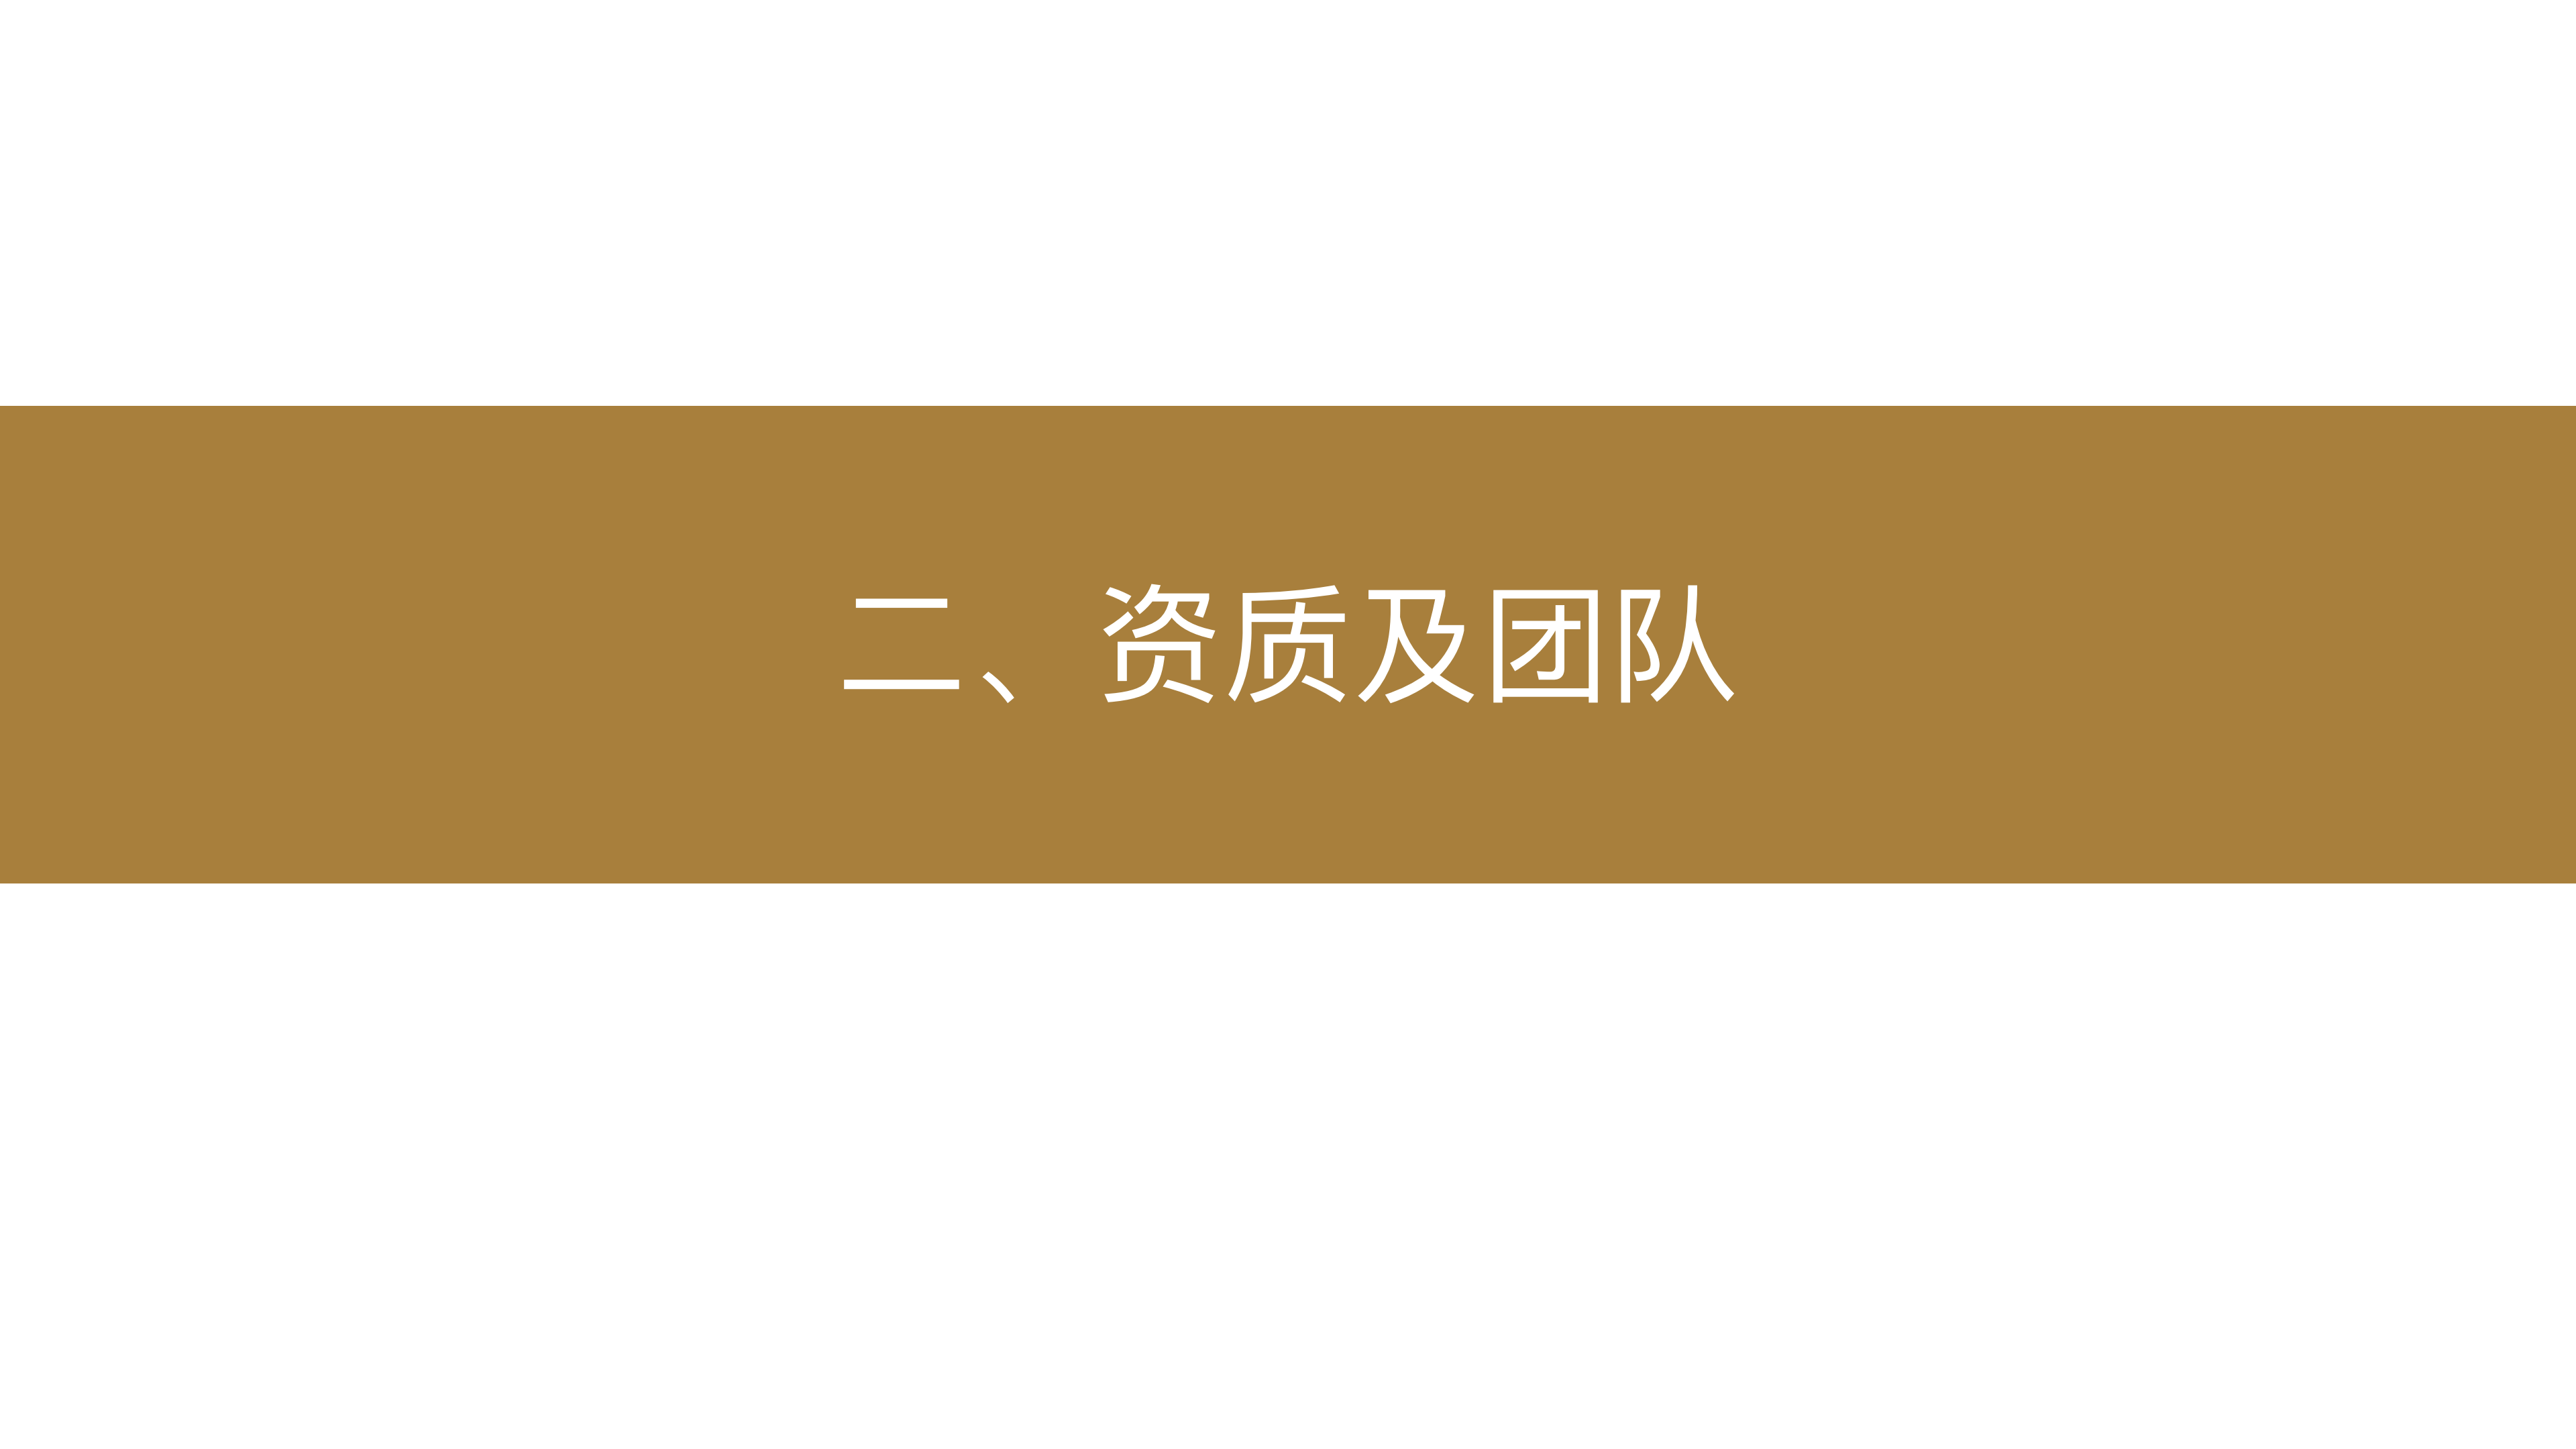 护架卫士产品介绍1.2_16.png